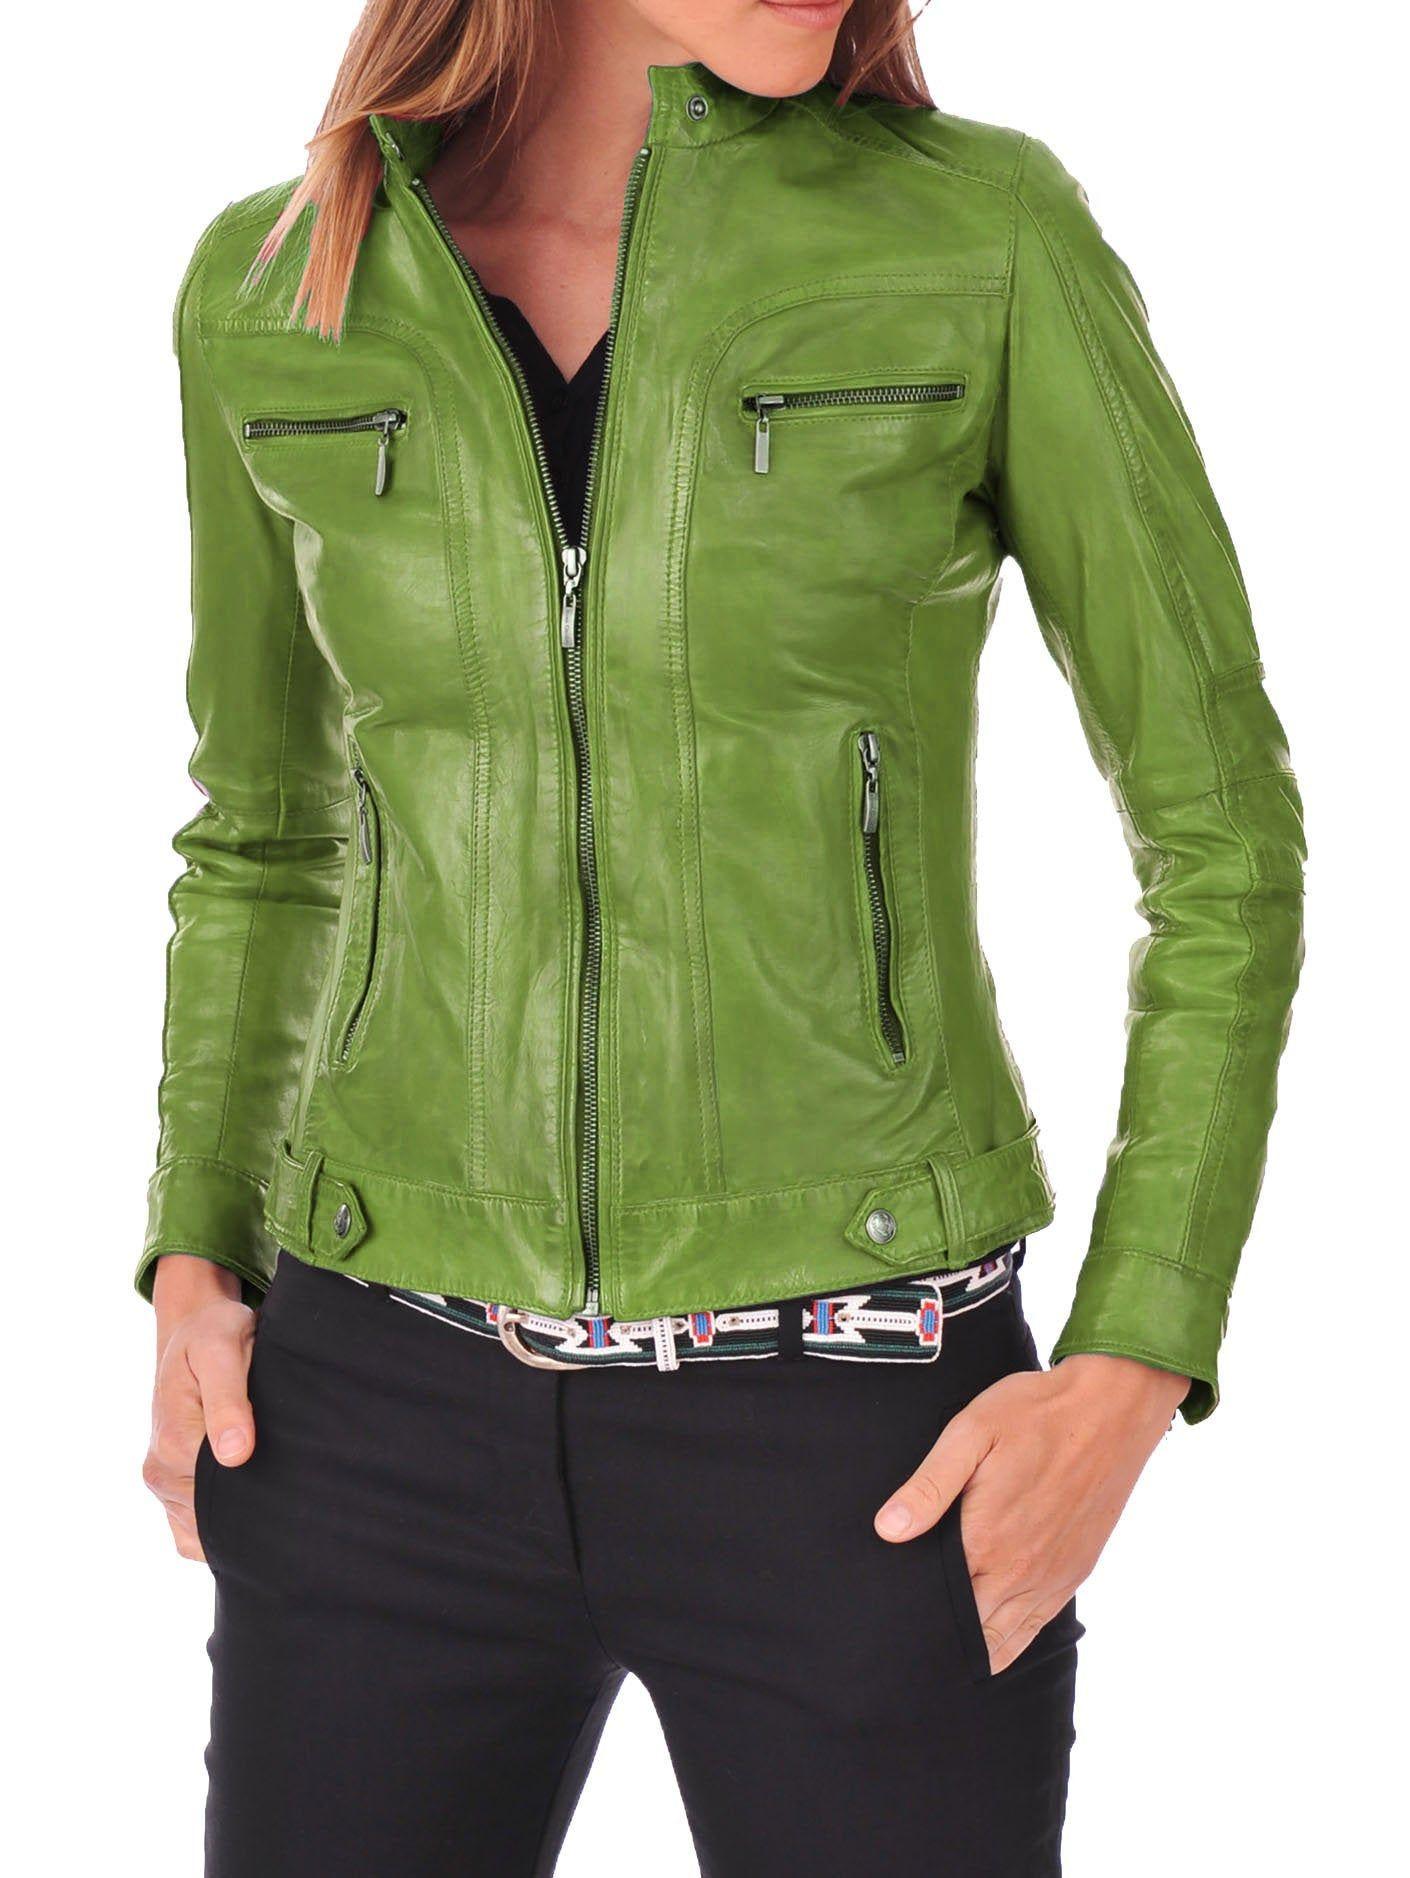 Women's Leather Jacket Bomber Biker Genuine Lambskin